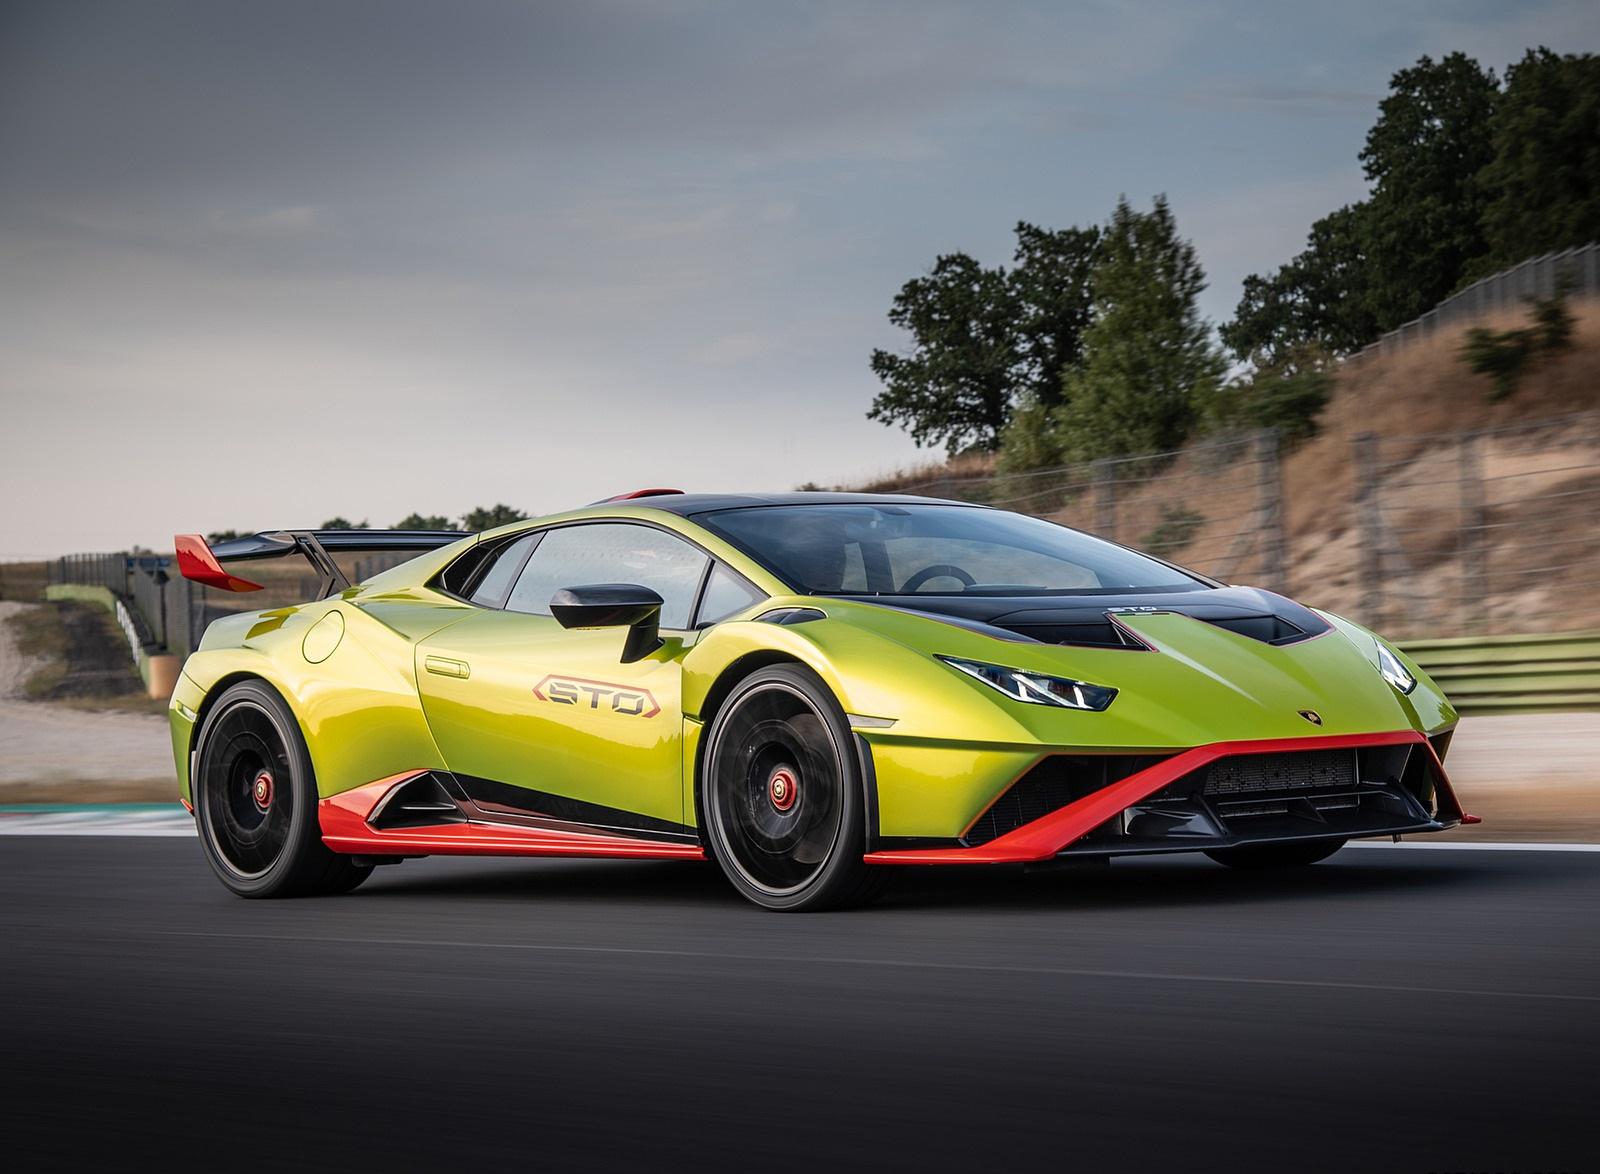 2021 Lamborghini Huracán STO Front Three-Quarter Wallpapers (2)